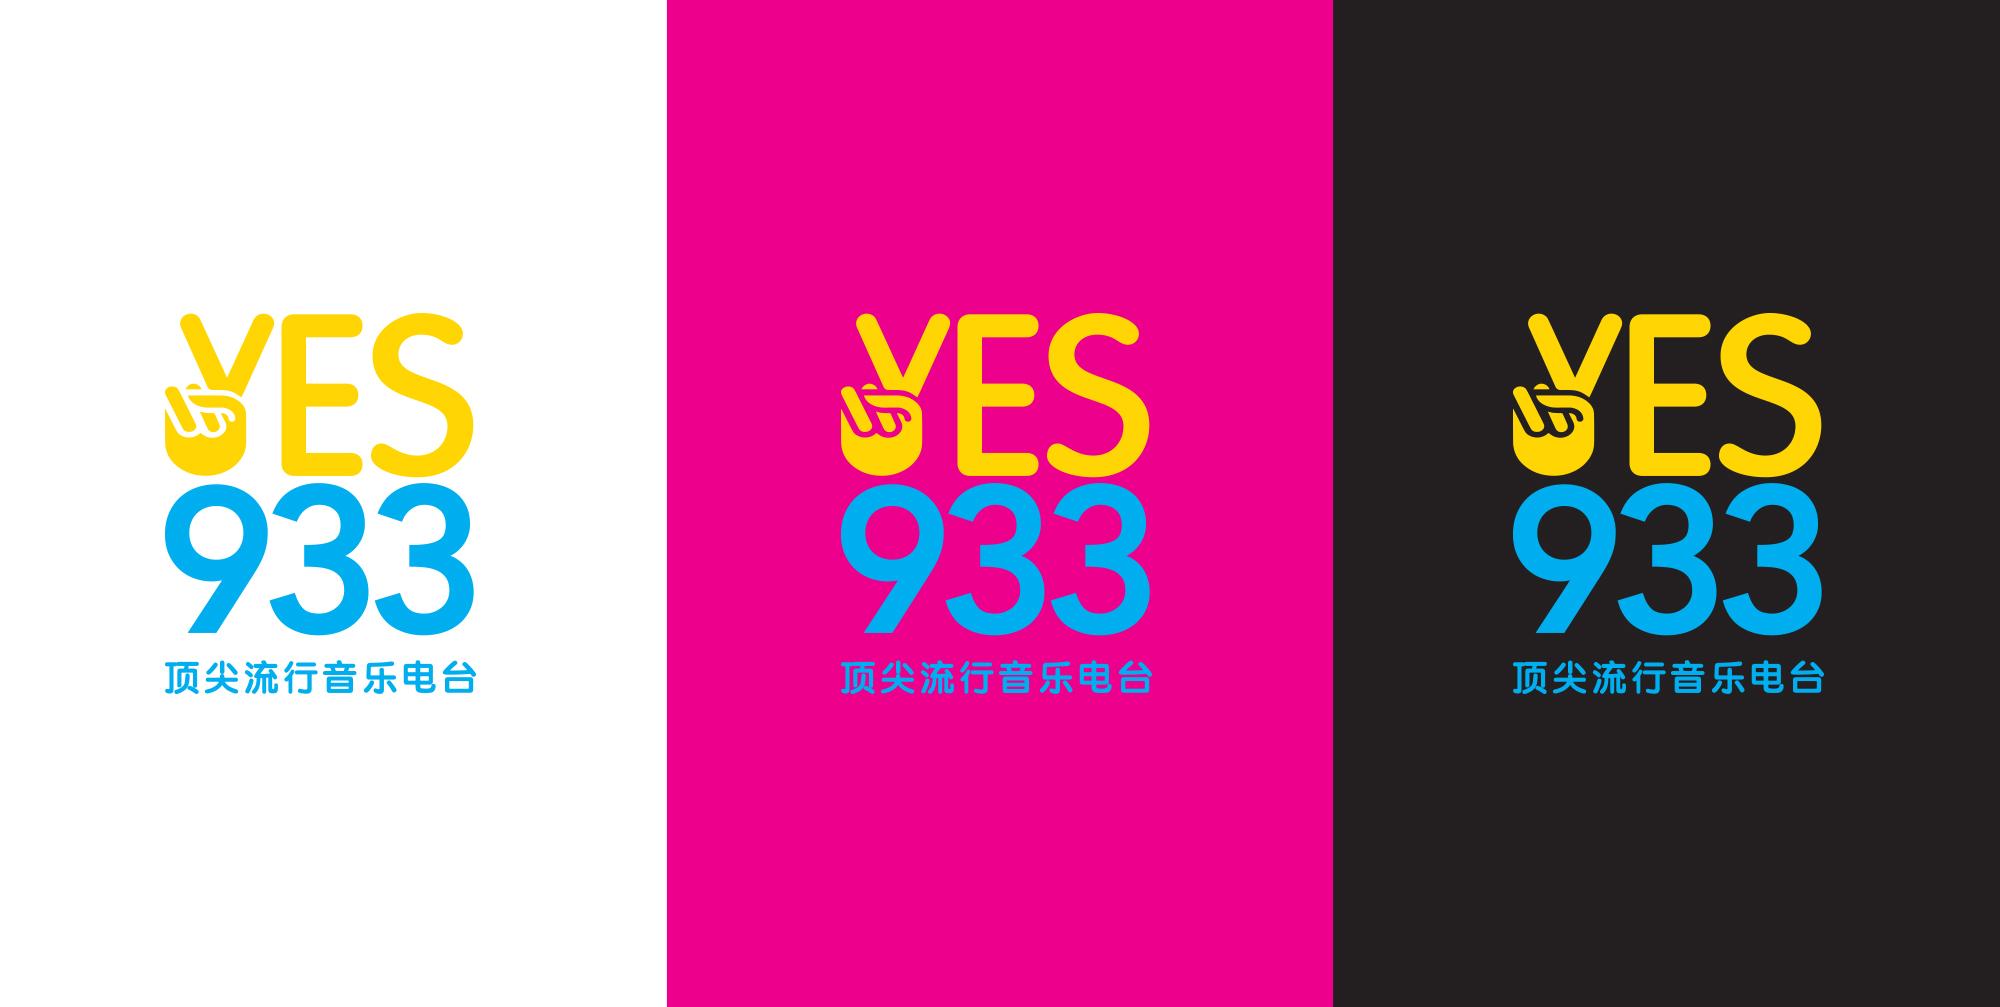 YES LogoAlt Colours.jpg